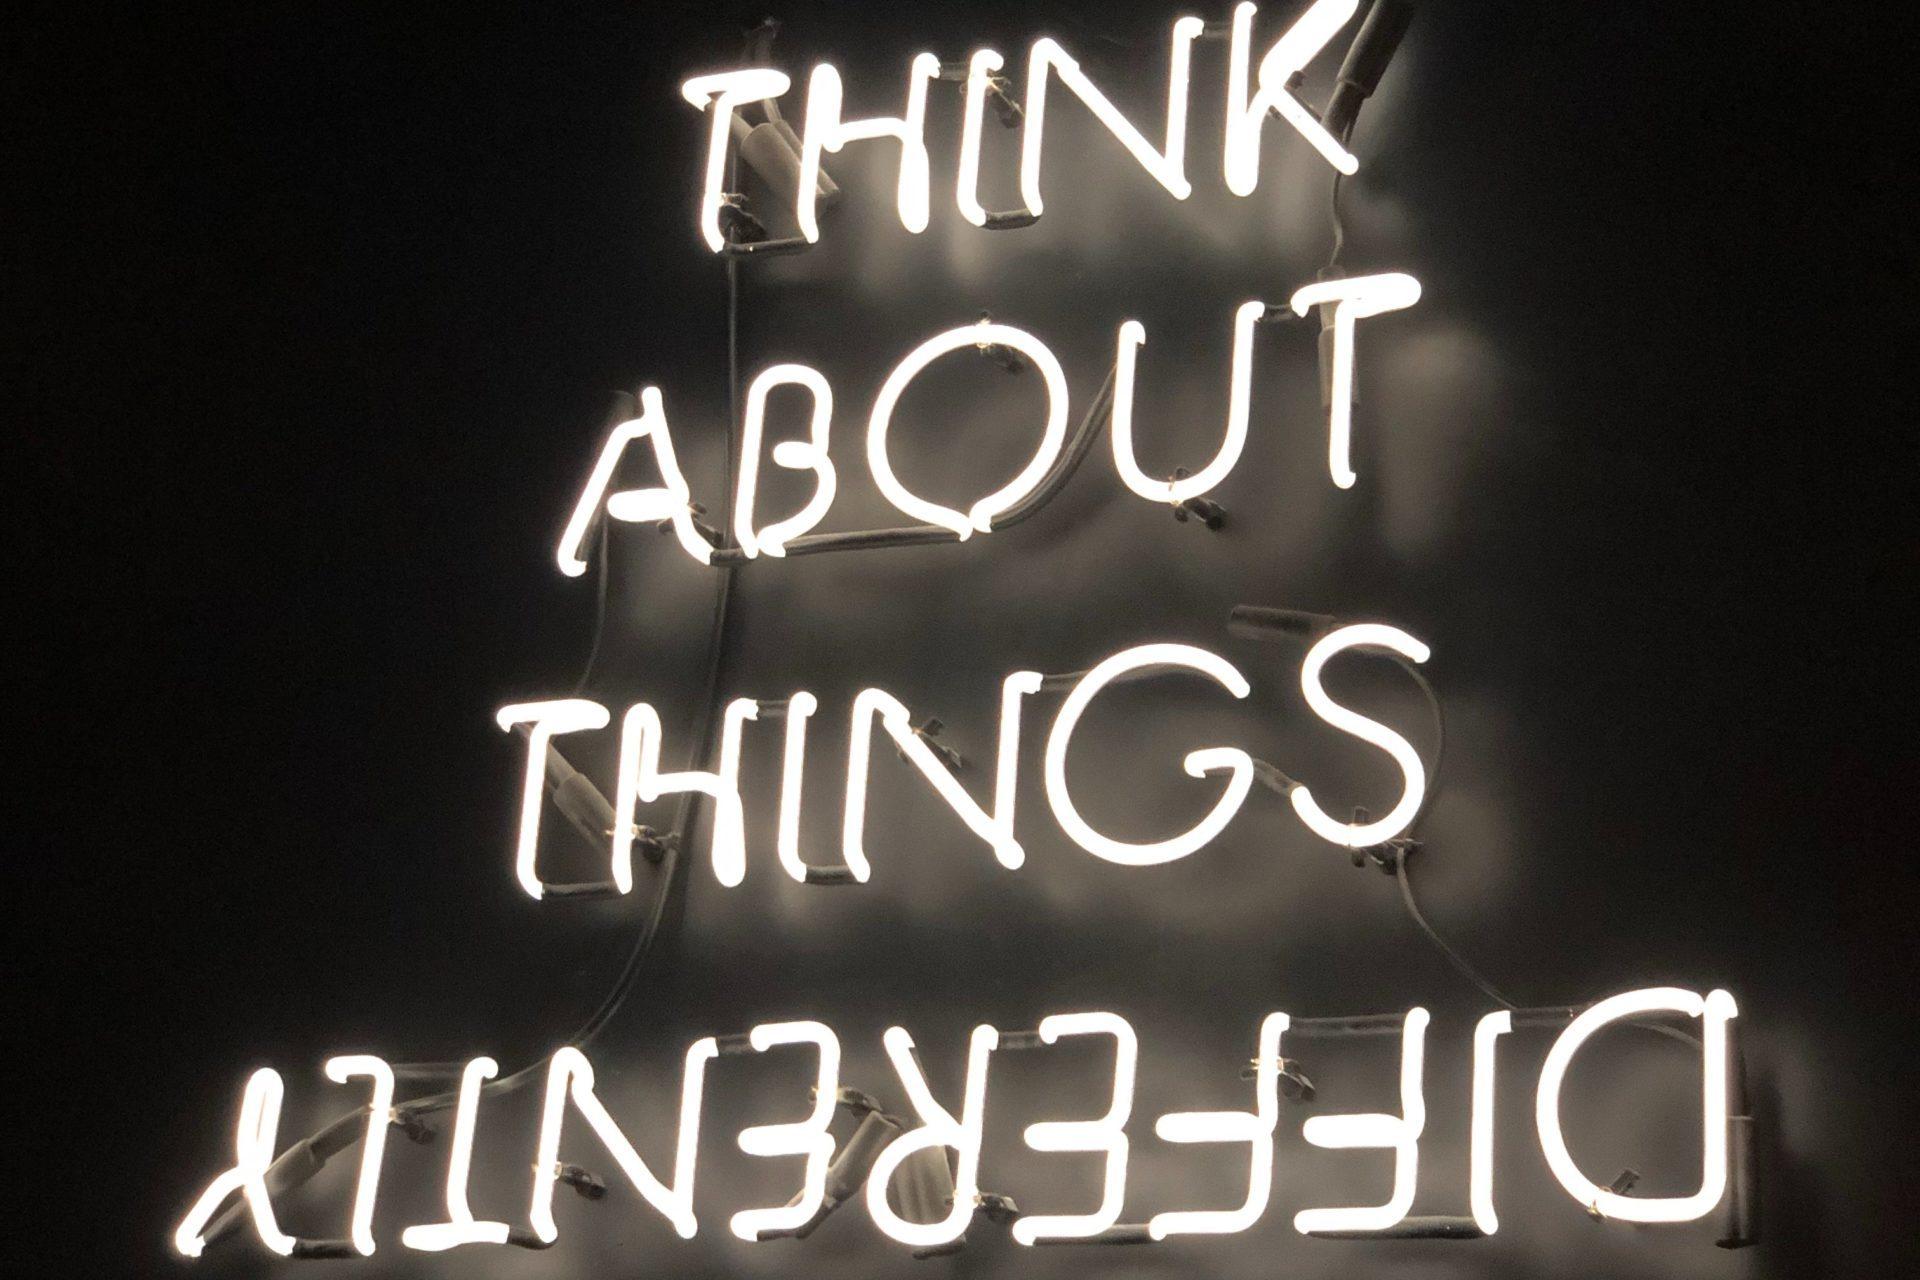 ¿Qué es la BIG IDEA? Toda estrategia debe basarse en una Gran Idea